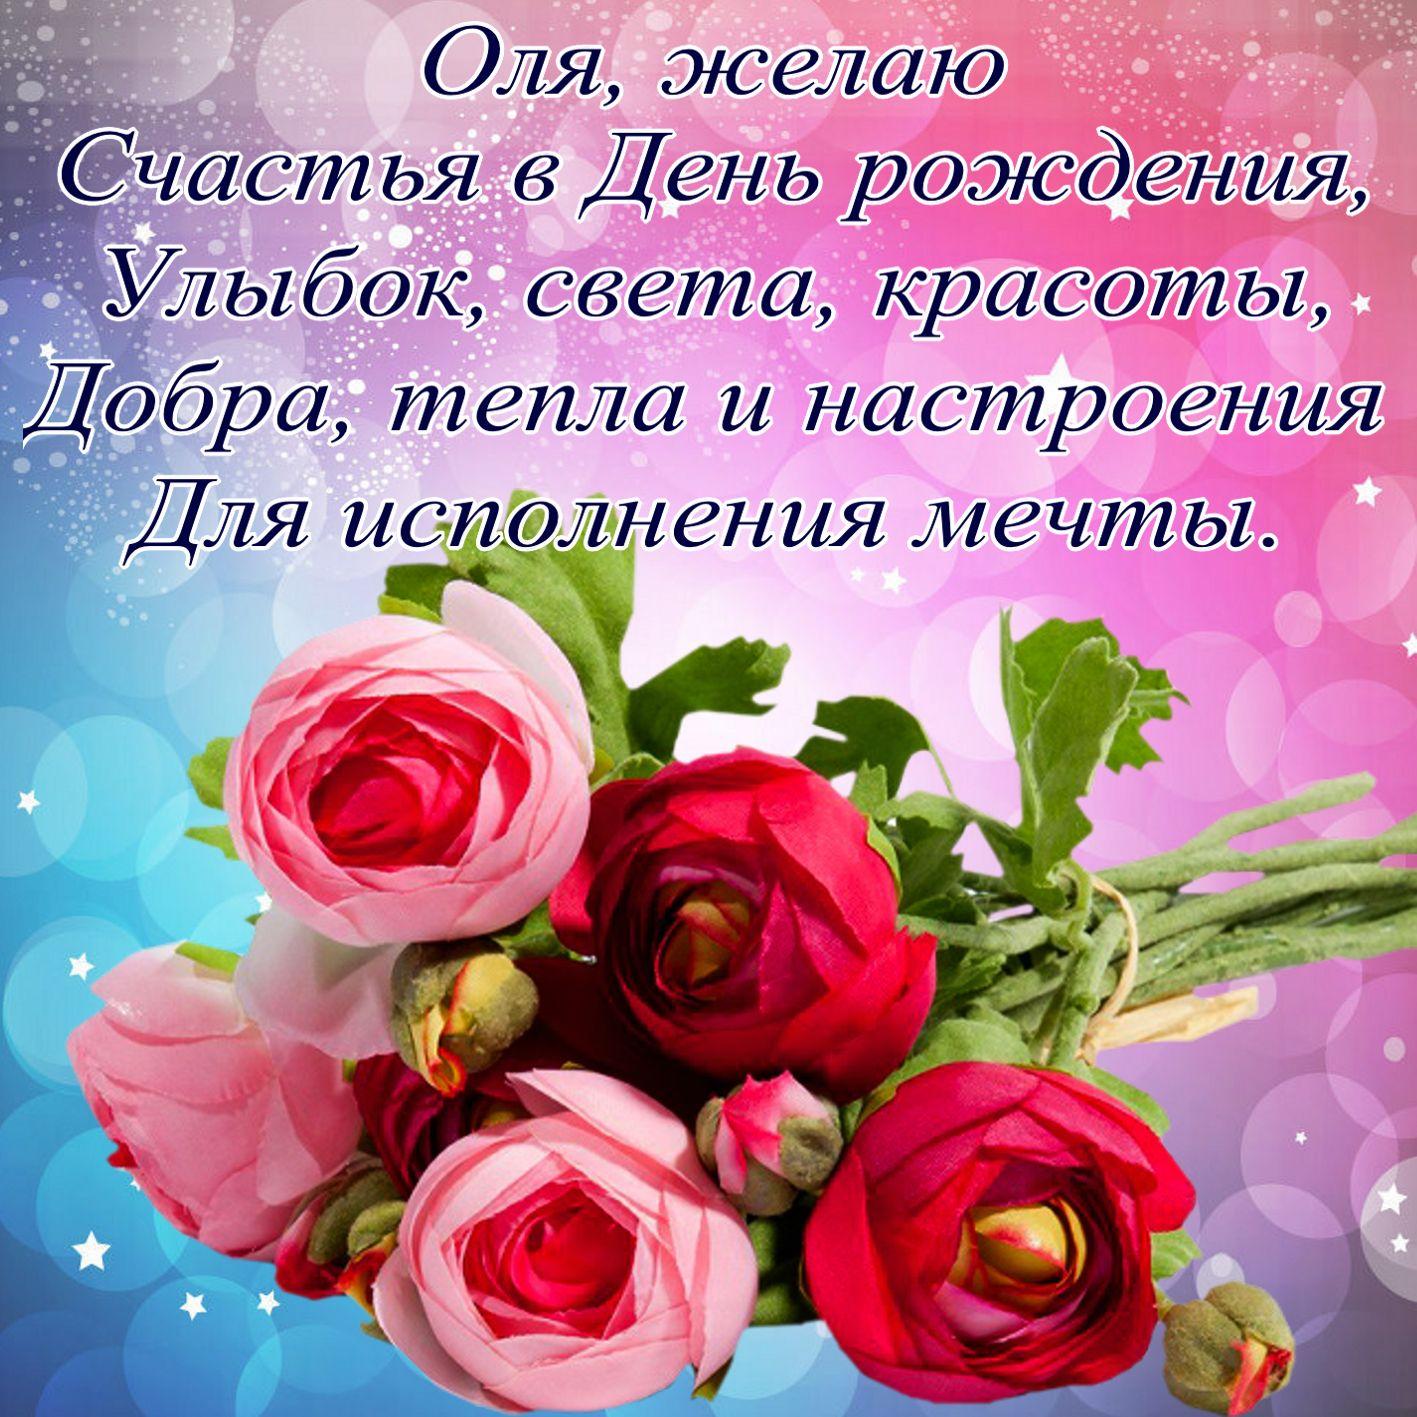 Открытка на День рождения Ольге - оригинальные цветы на блестящем фоне